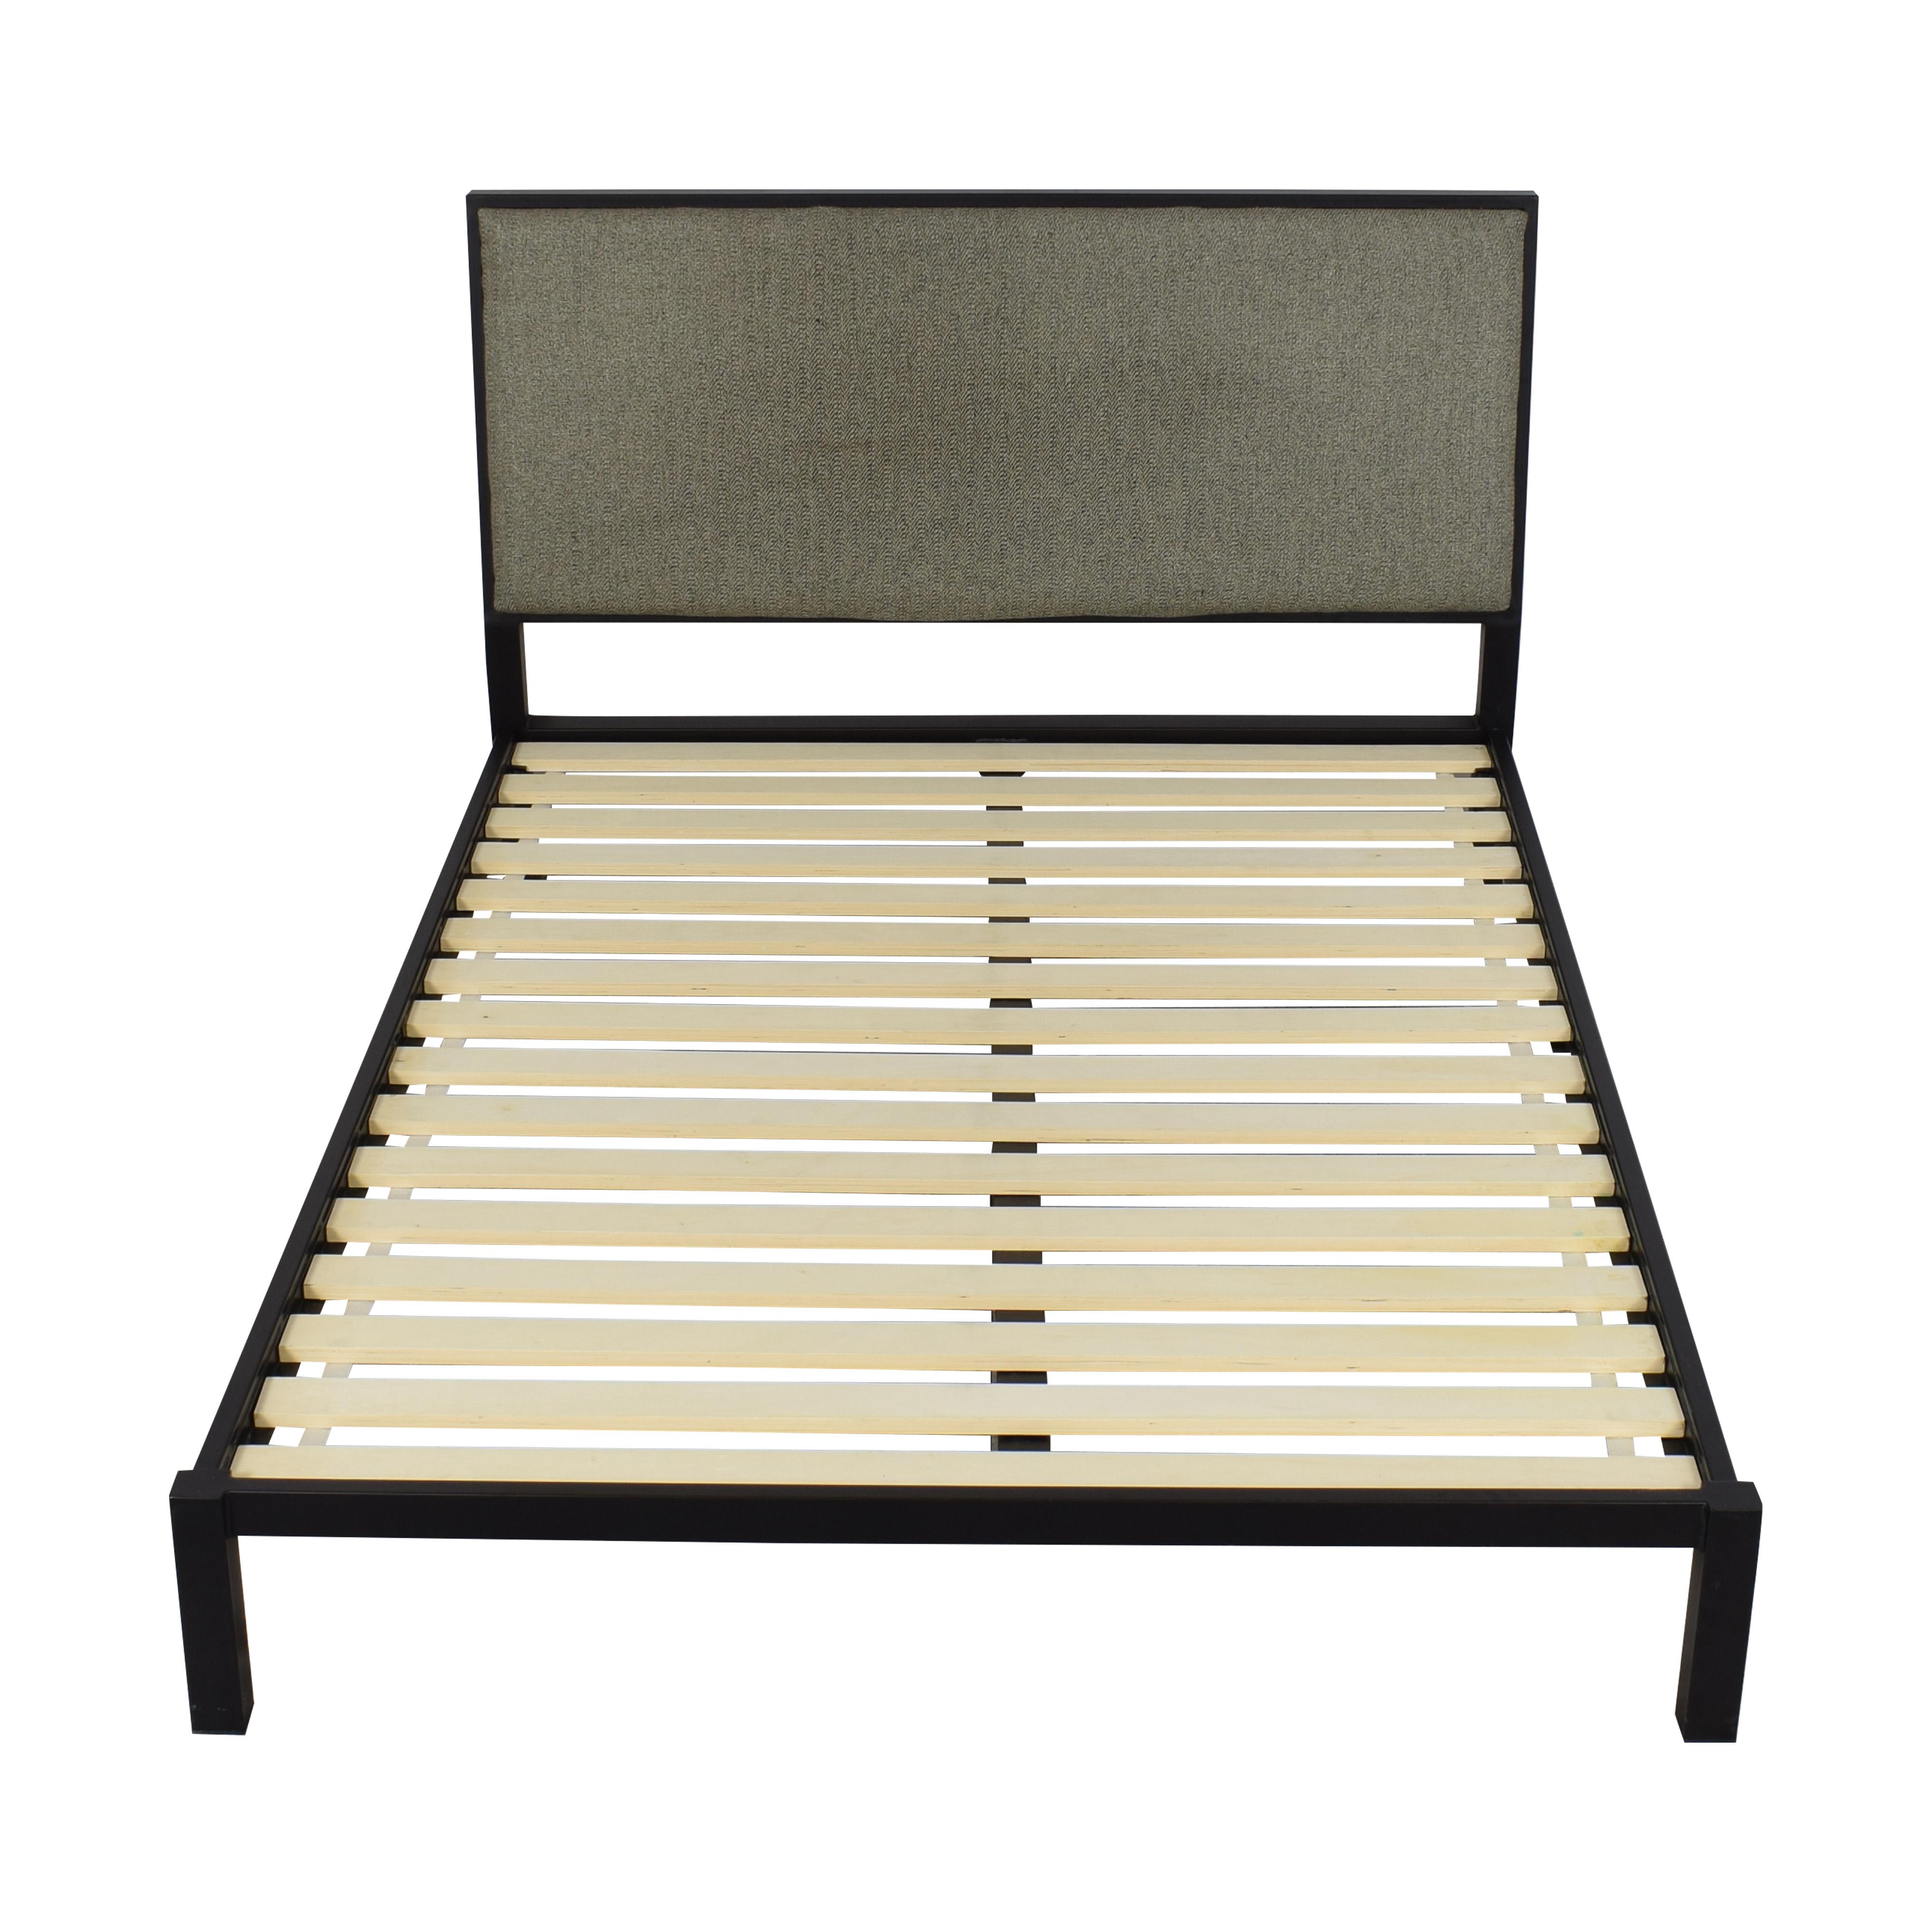 Crate & Barrel Crate & Barrel Full Bed Bed Frames